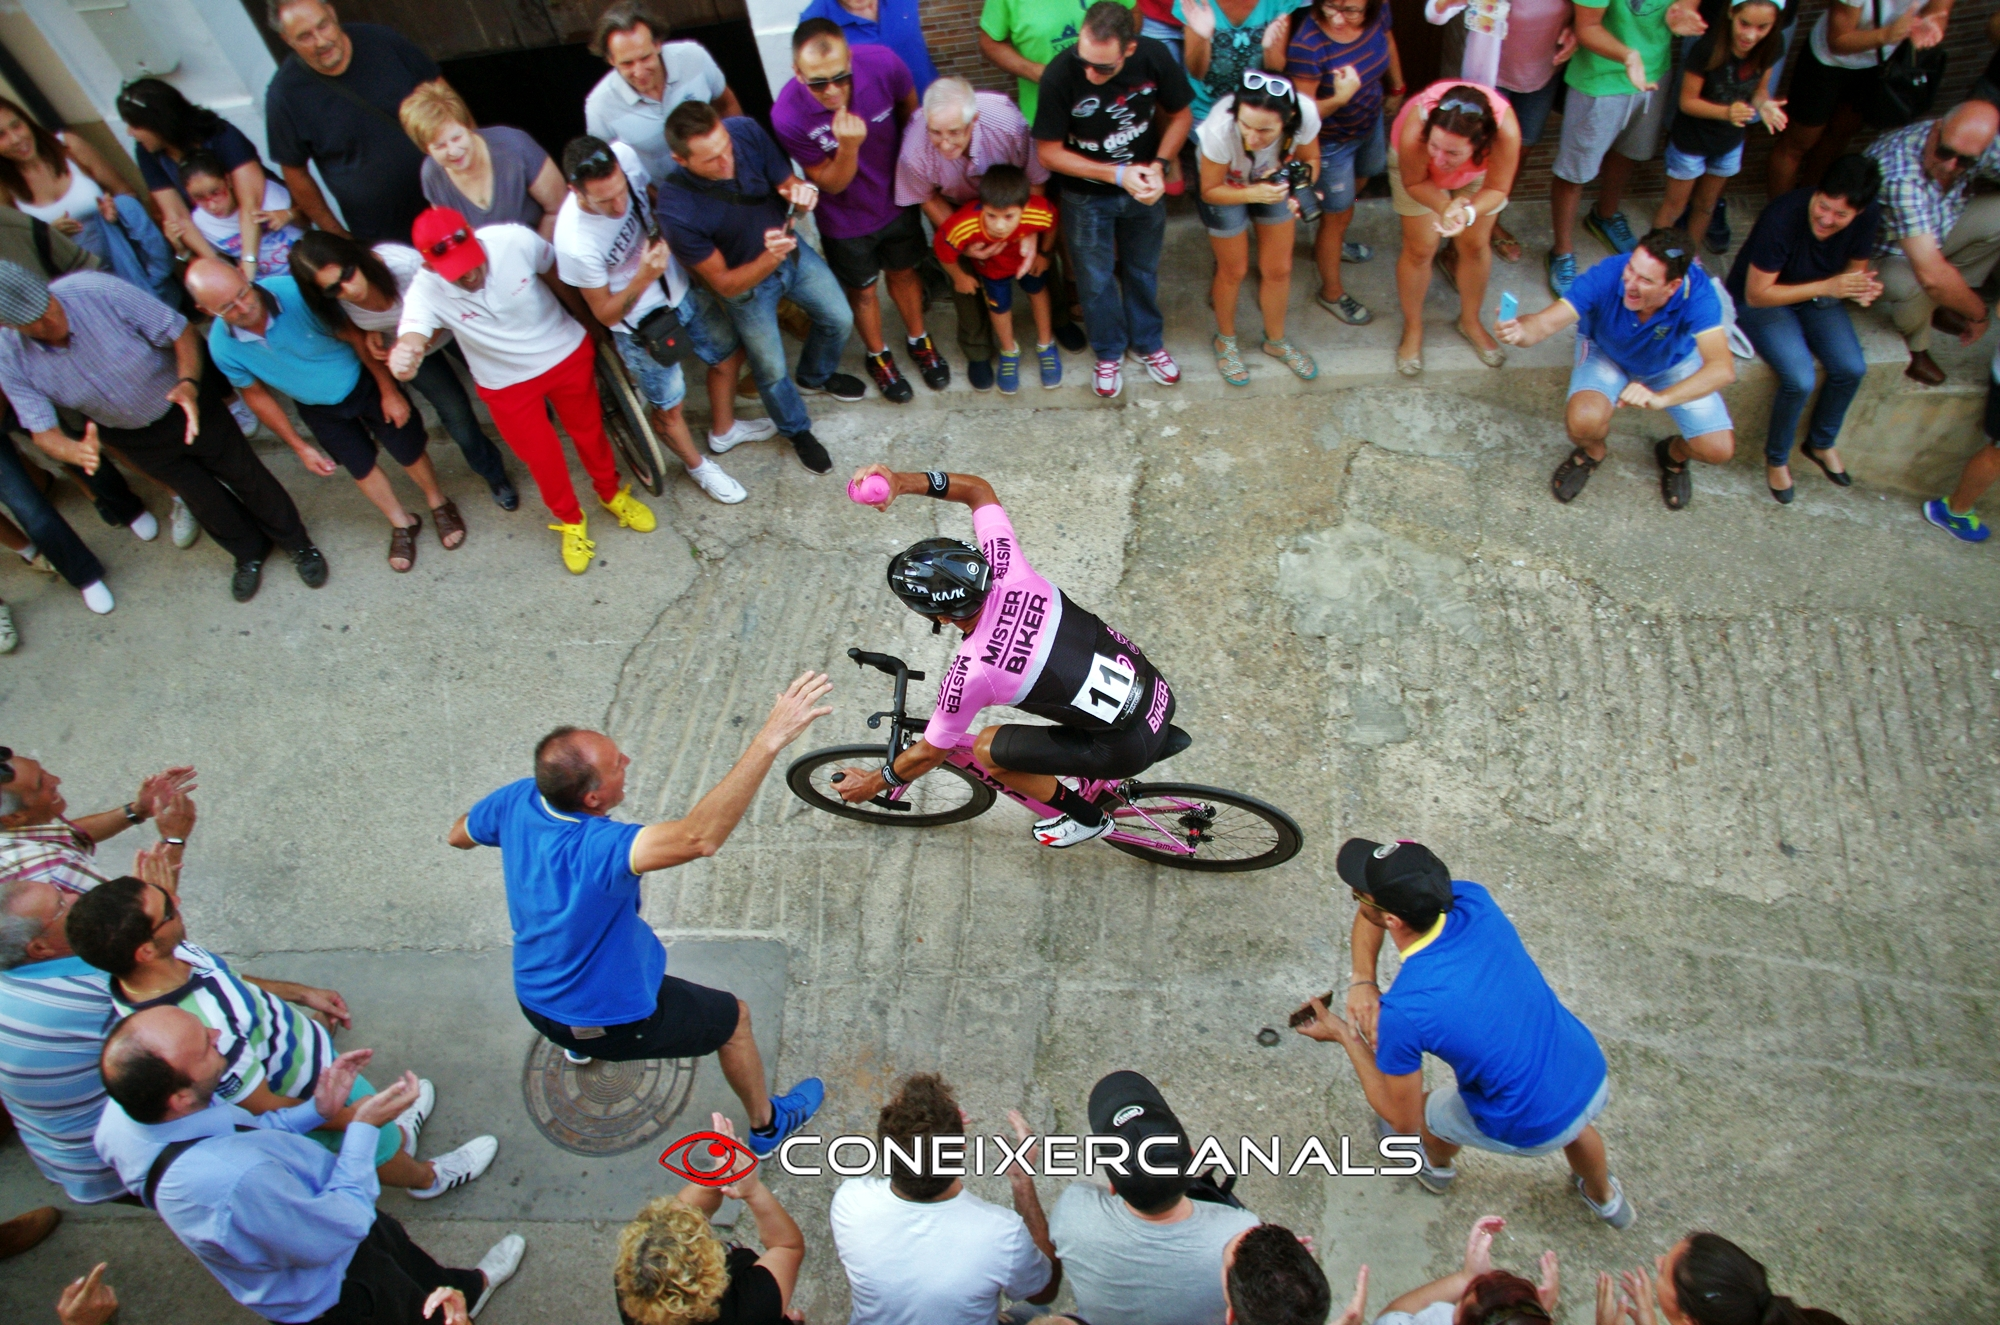 Aiacor nomenarà dissabte soci d'honor de la penya ciclista la Forca a Ricardo Tormo Blaya.